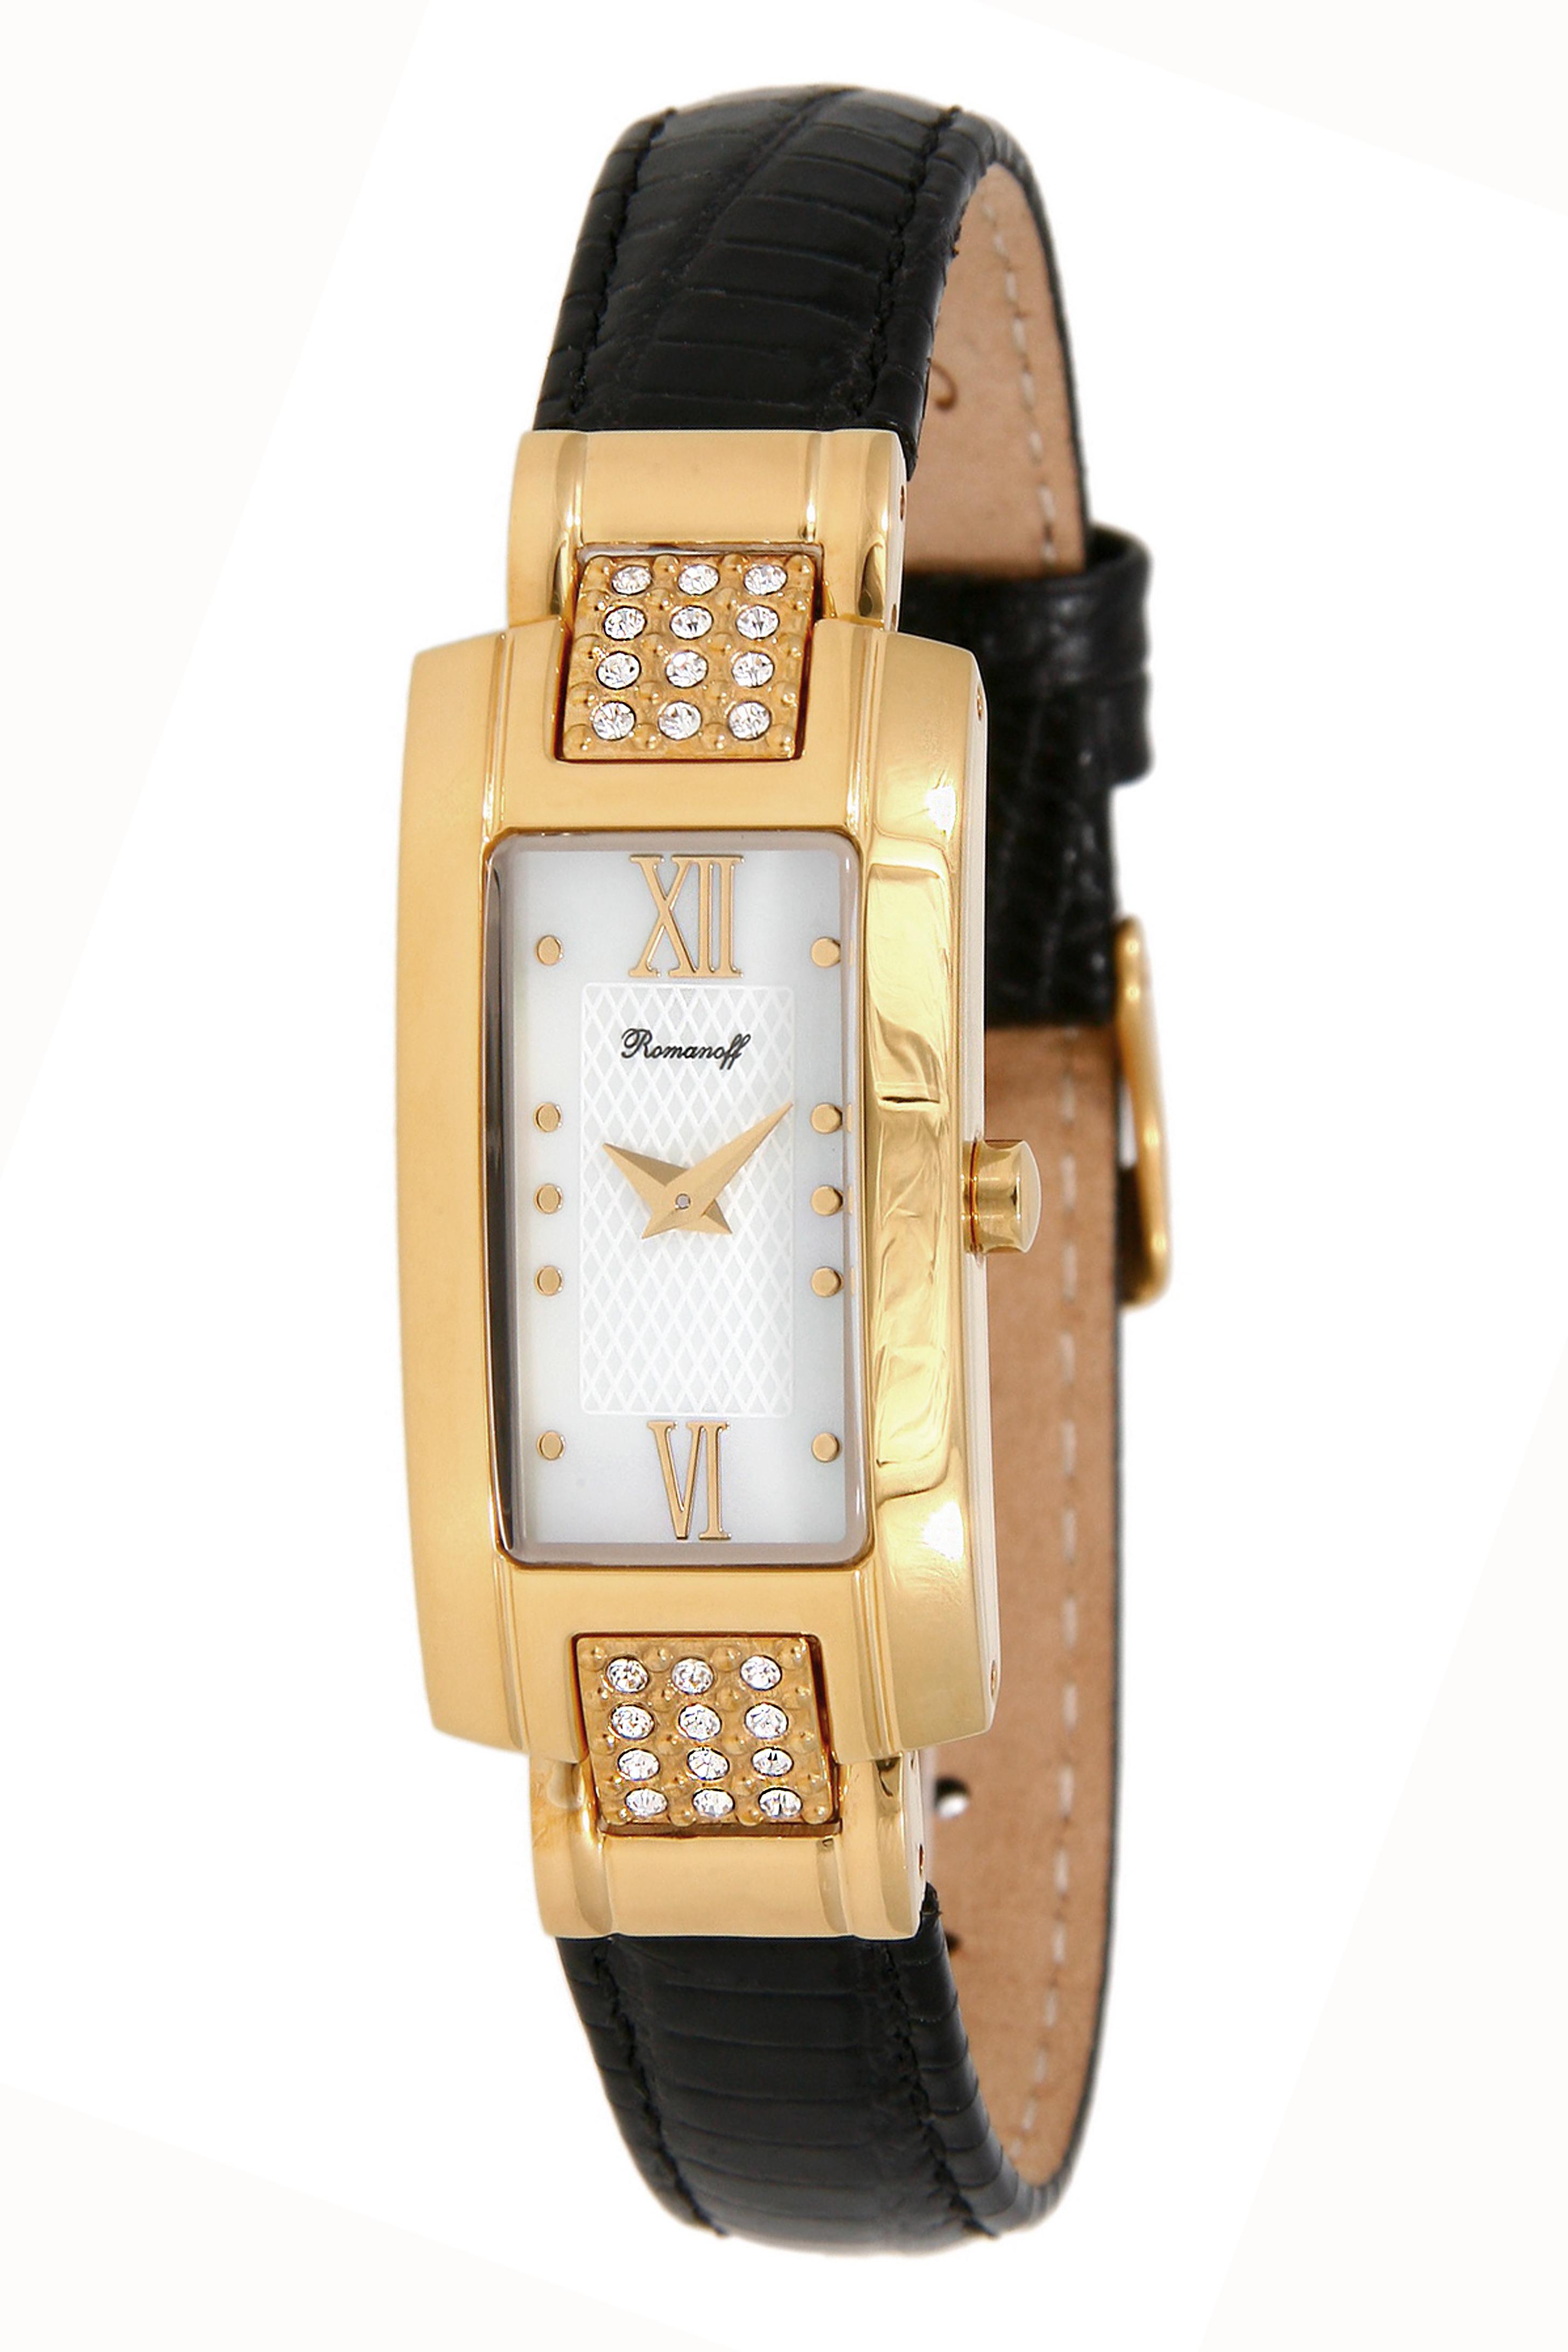 В обширной коллекции каждый покупатель сможет подобрать часы на руку в полном соответствии с личными предпочтениями и функциональными требованиями.